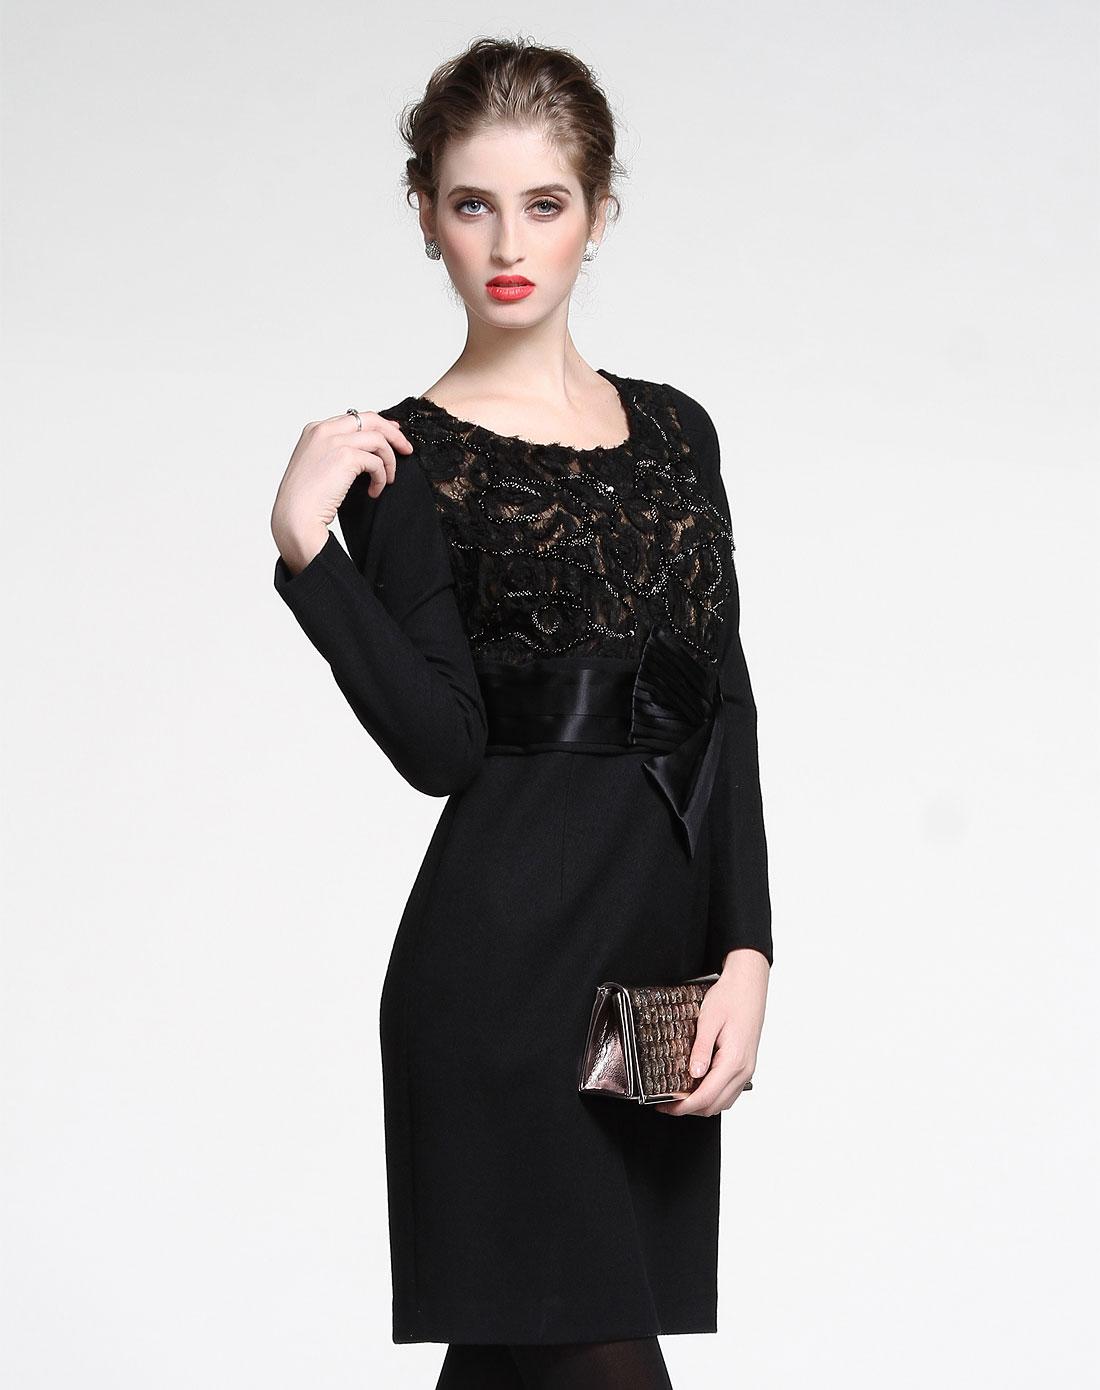 黑色淑女气质长袖连衣裙图片